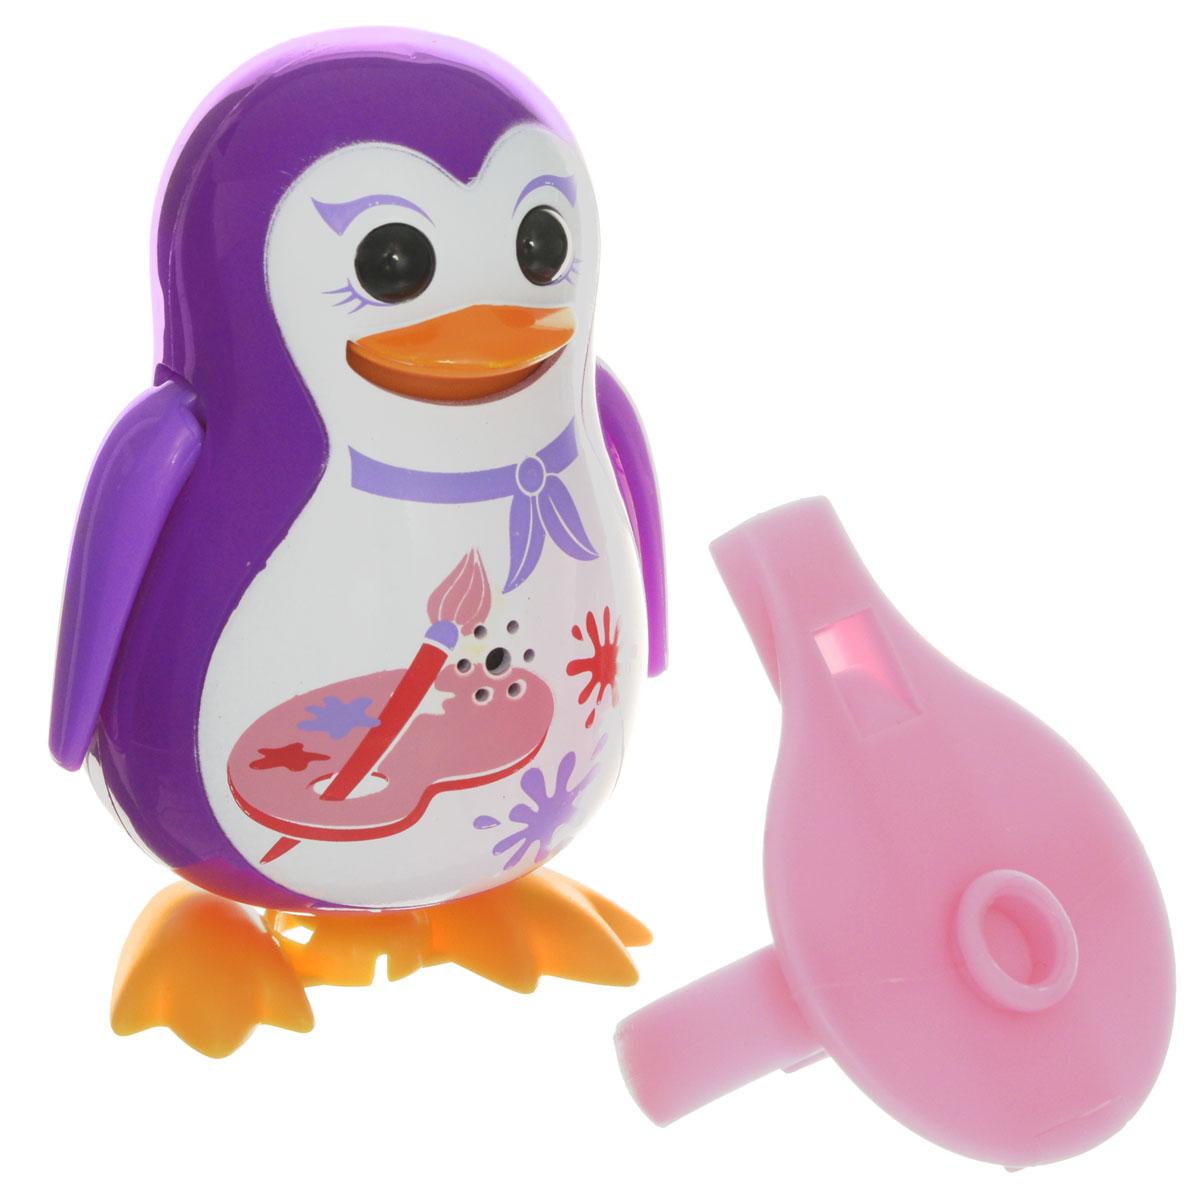 DigiFriends Интерактивная игрушка Пингвин с кольцом цвет фиолетовый digifriends интерактивная игрушка пингвин с кольцом цвет малиновый